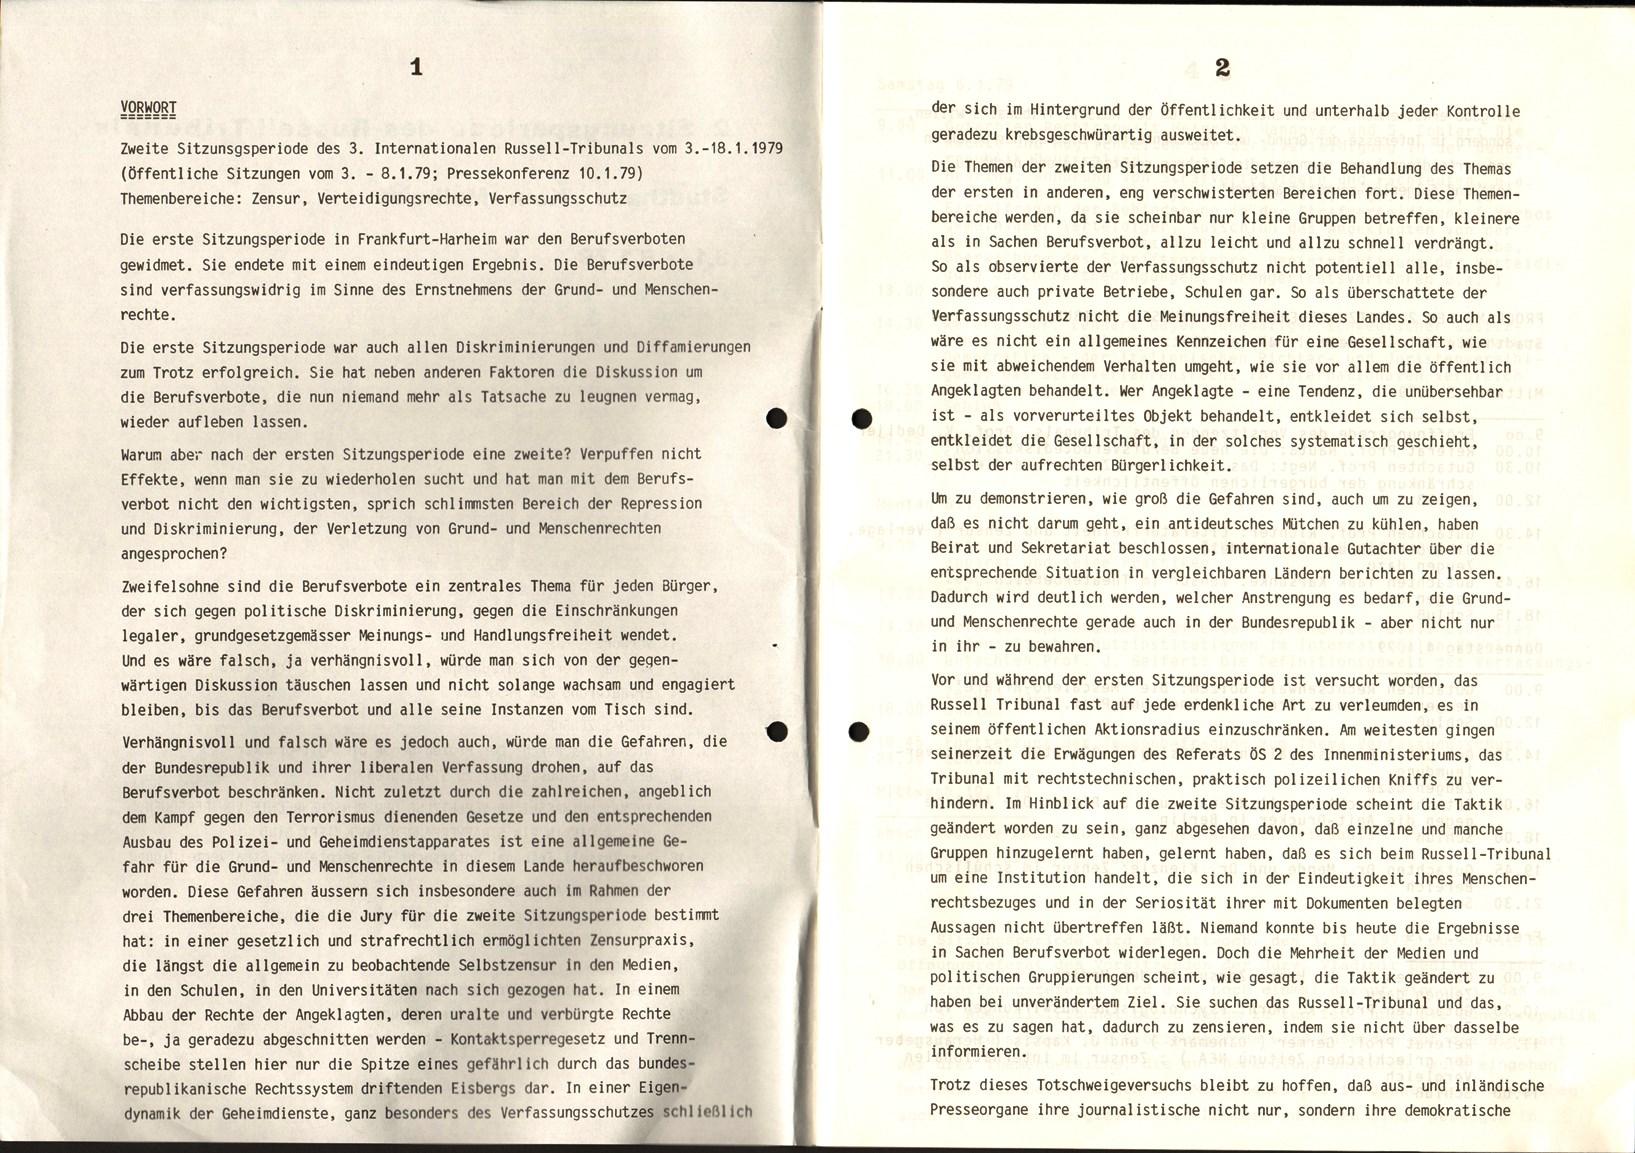 RT_Zur_zweiten_Sitzungsperiode_1979_02